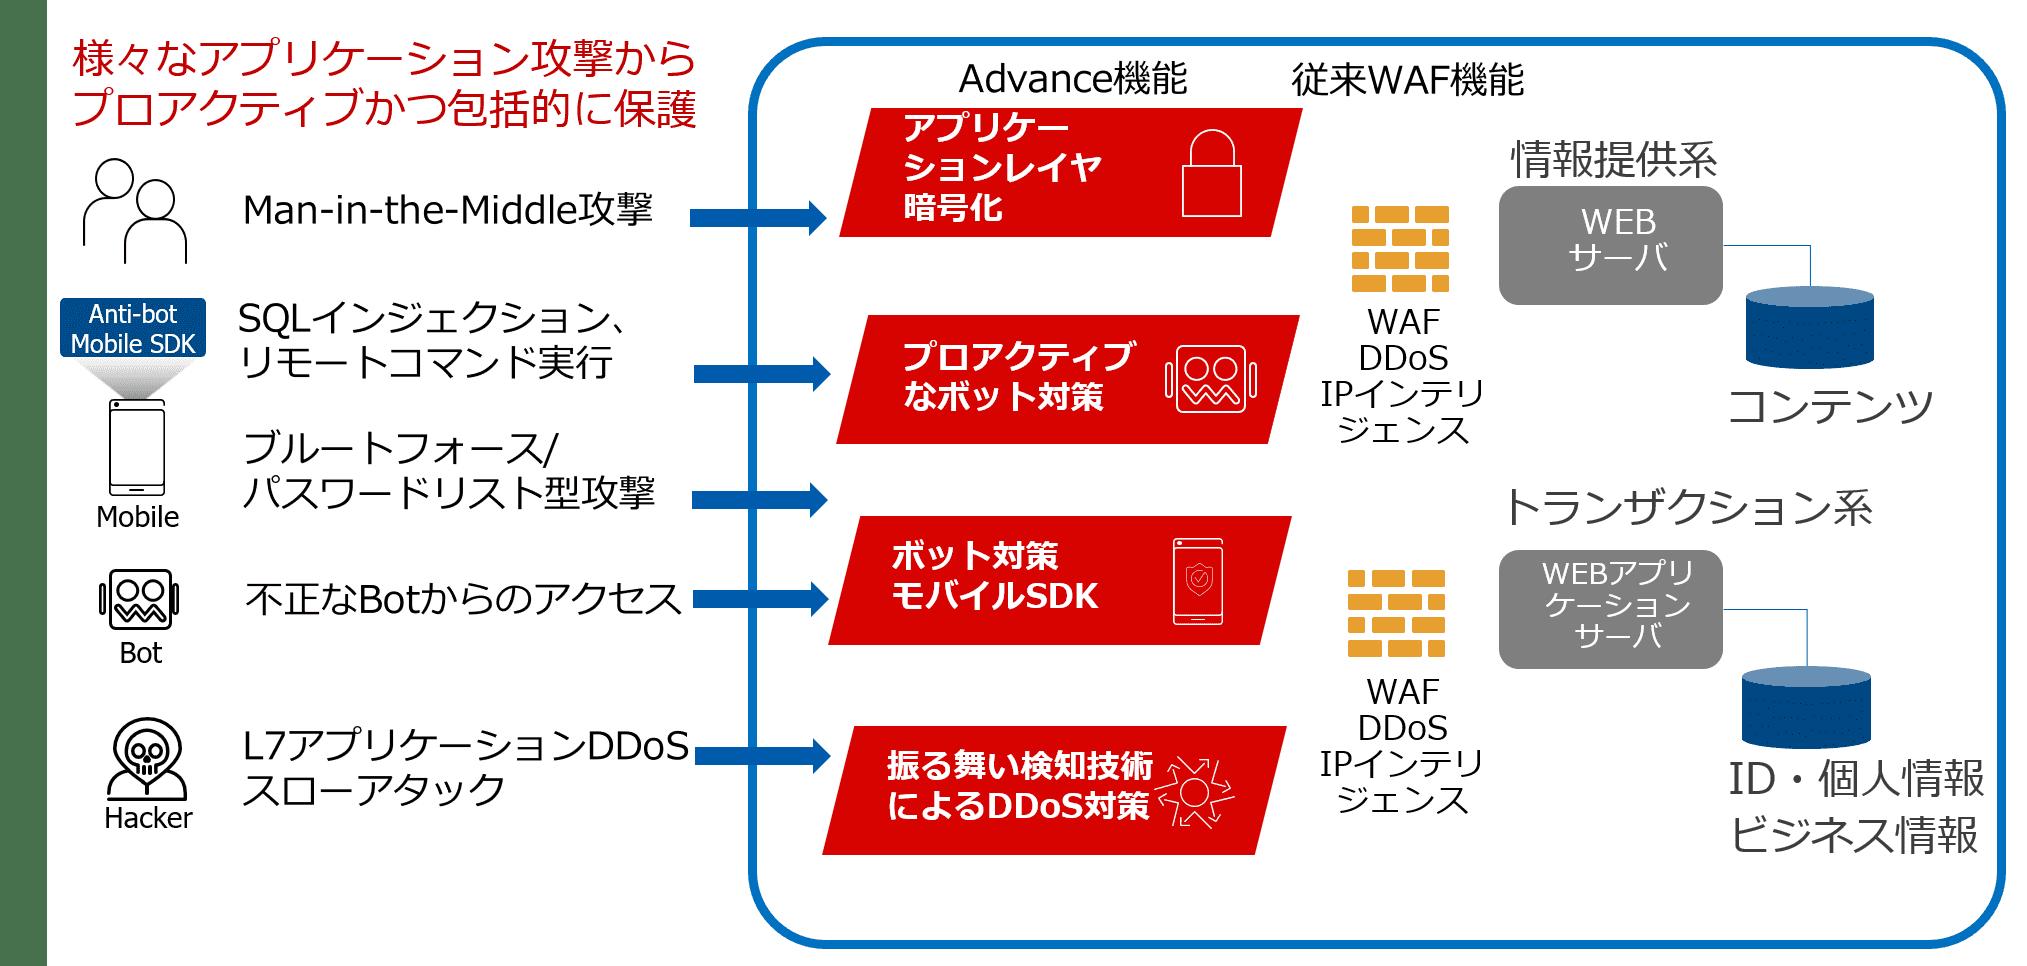 F5_AWAF